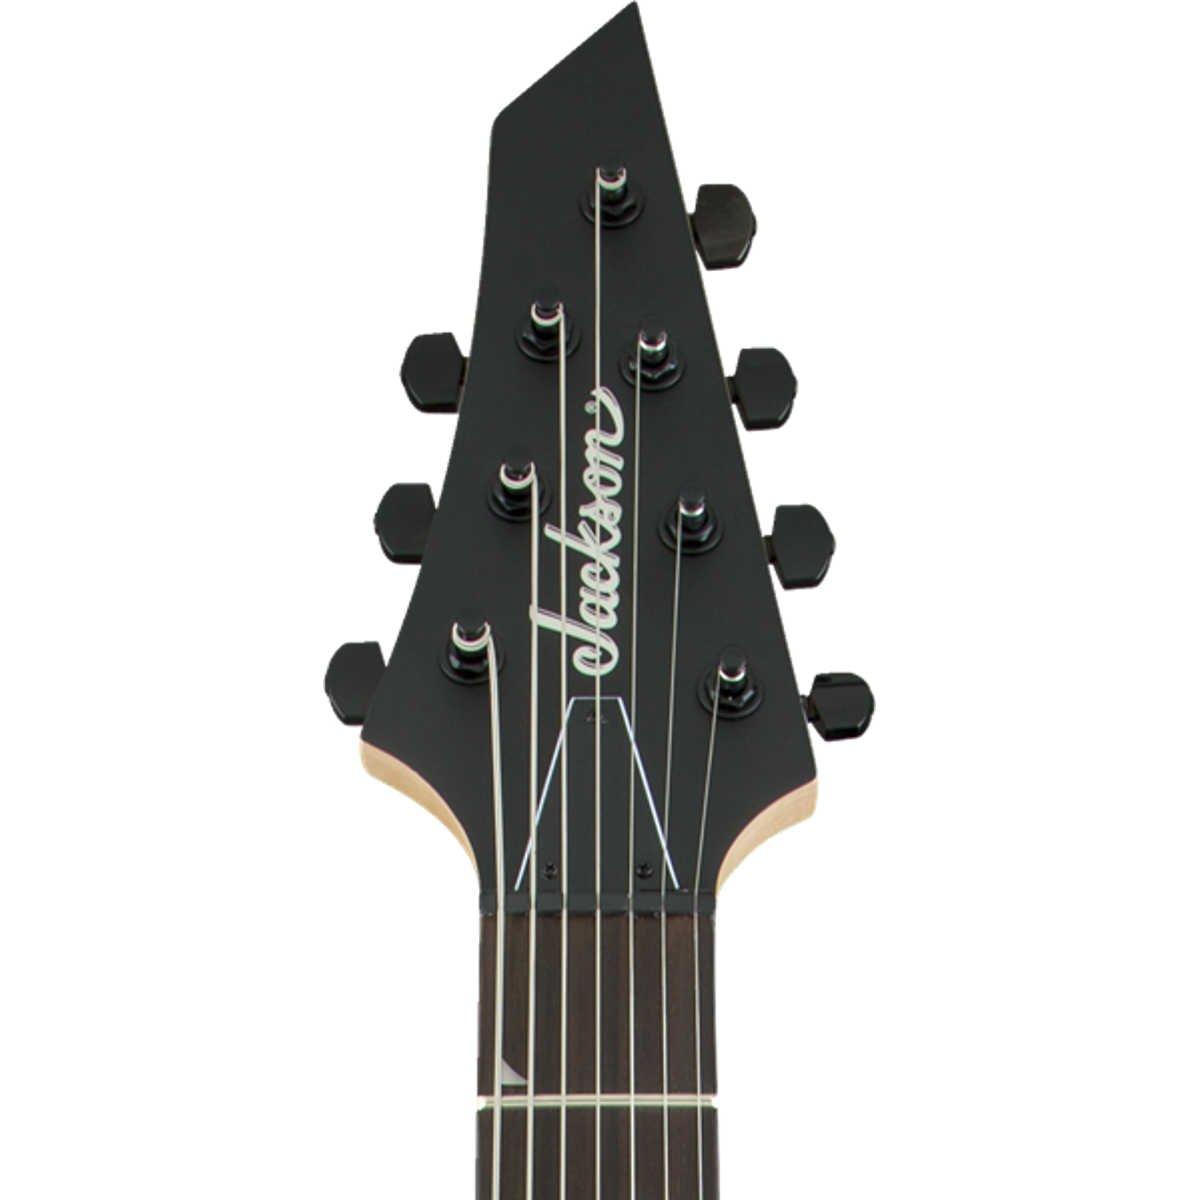 Guitarra Jackson 7 cordas Dinky Arch Top JS22-7 Satin Black